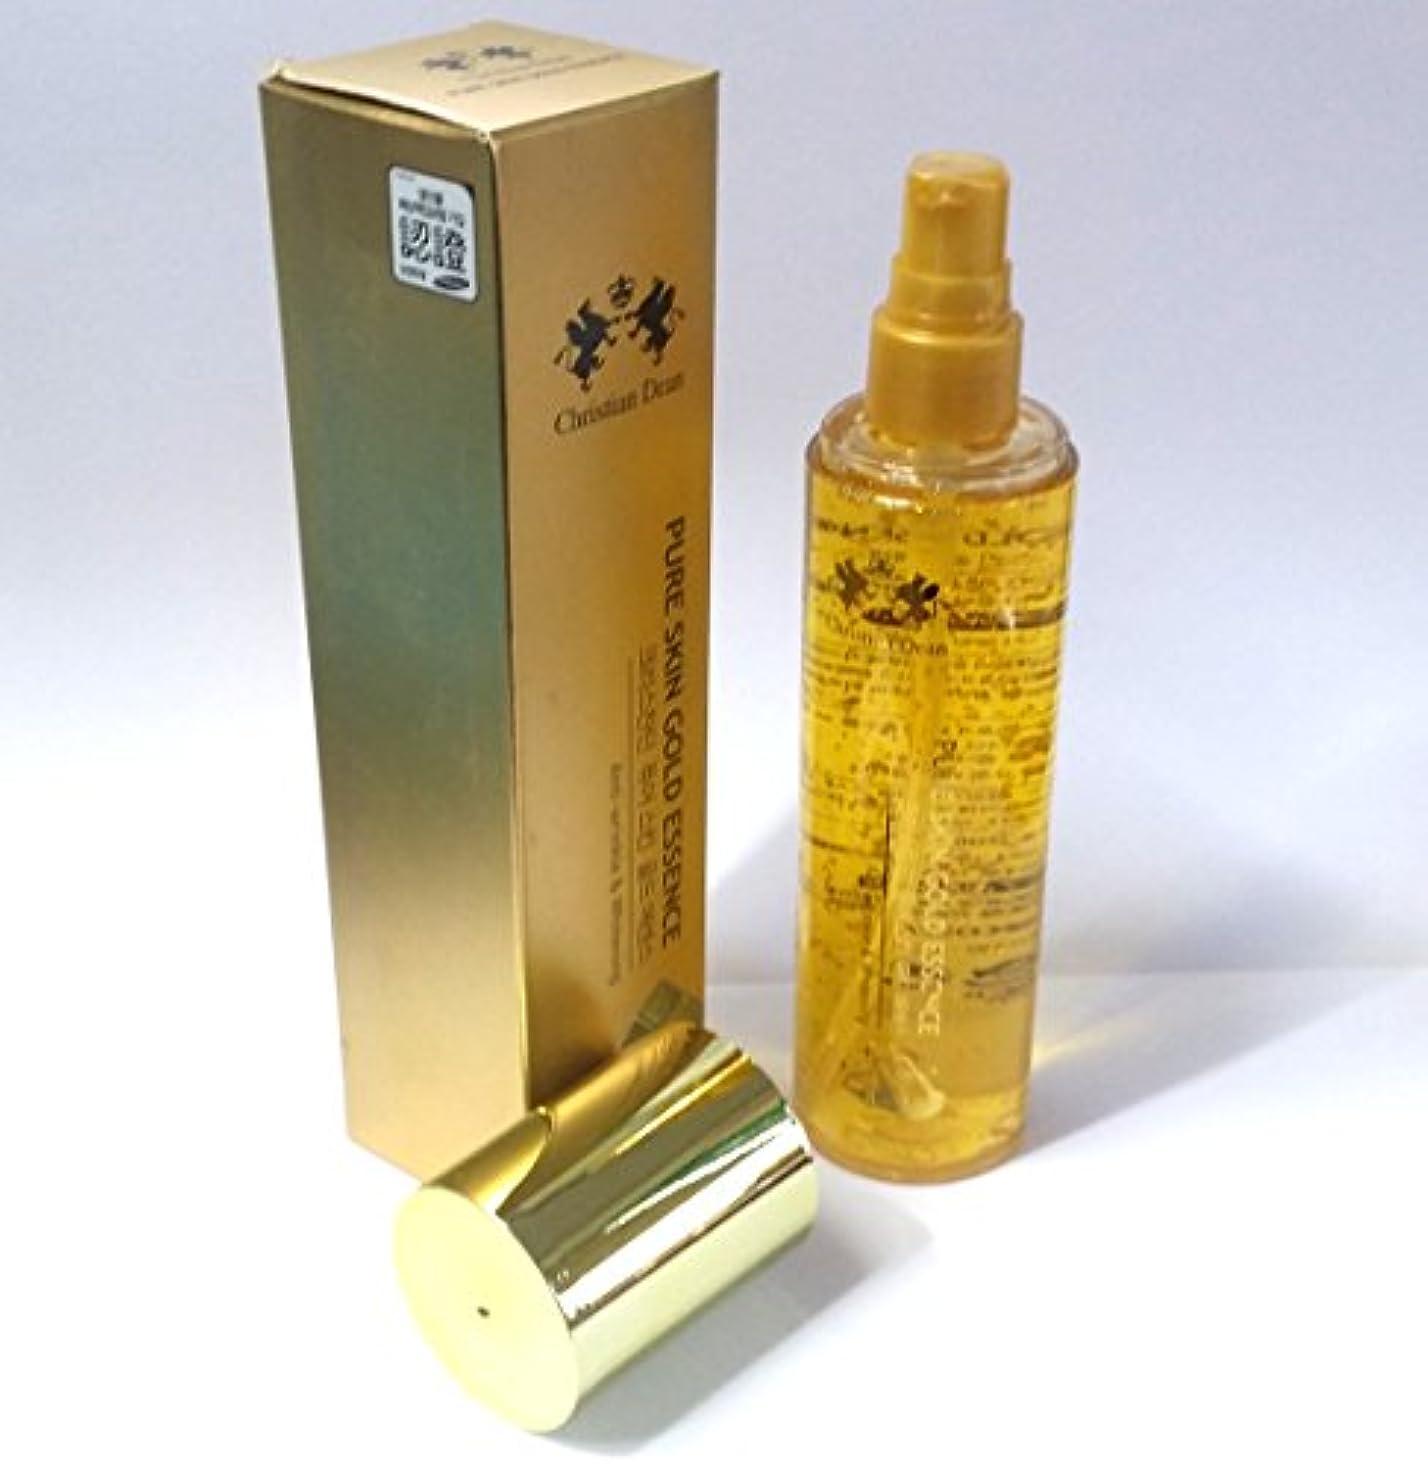 フルートとにかく熱意[Christian Dean] ピュアスキンゴールドエッセンス150ml/Pure Skin Gold Essence 150ml/Whitening/ホワイトニング/ピュアゴールドエキス(99.9%)/韓国化粧品/pure...